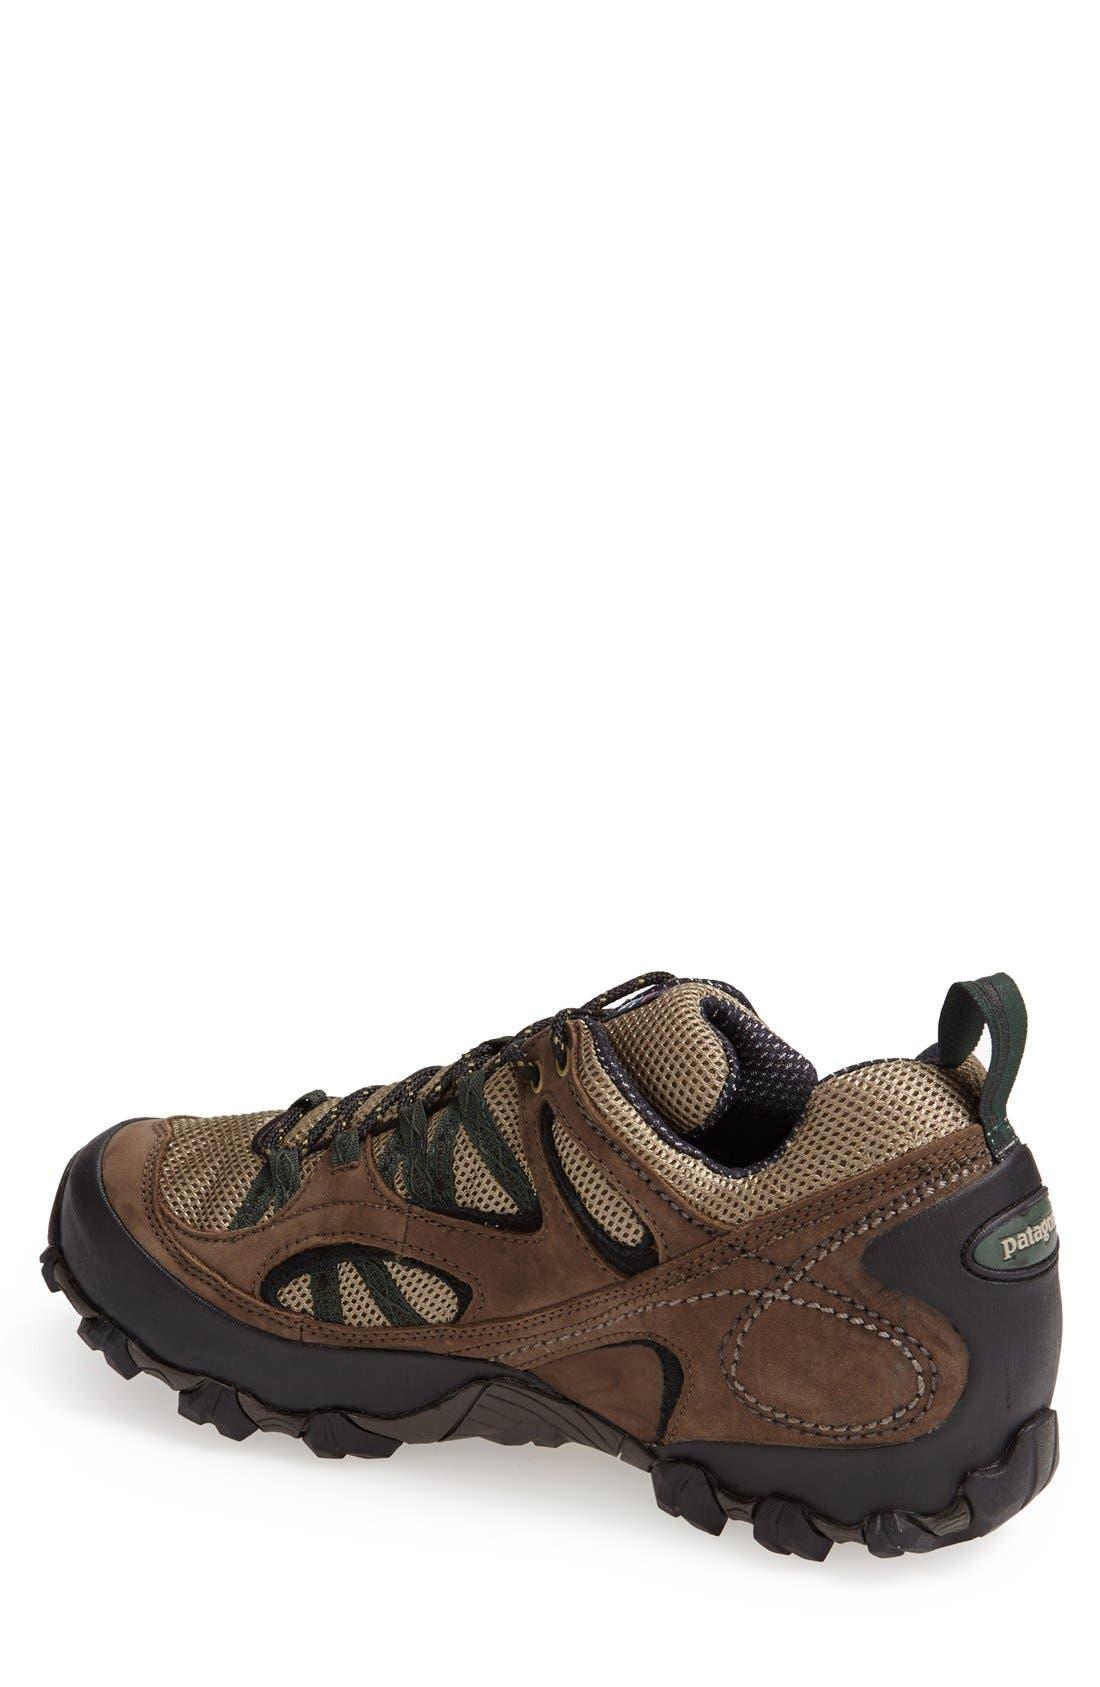 Alternate Image 3  - Patagonia 'Drifter A/C' Waterproof Hiking Shoe (Men)